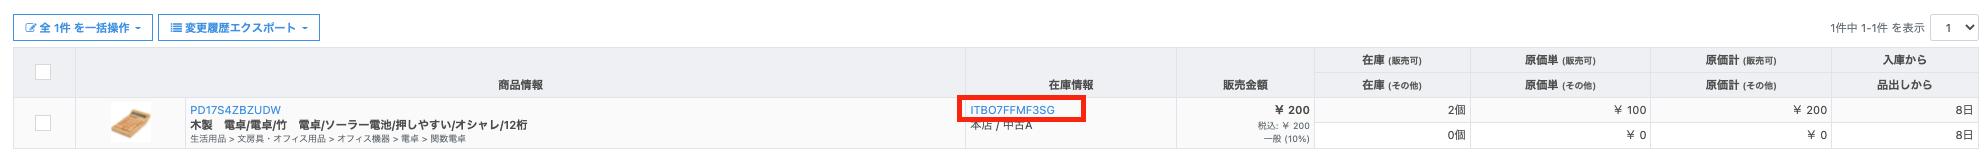 在庫リスト_在庫情報.png (52.7 kB)